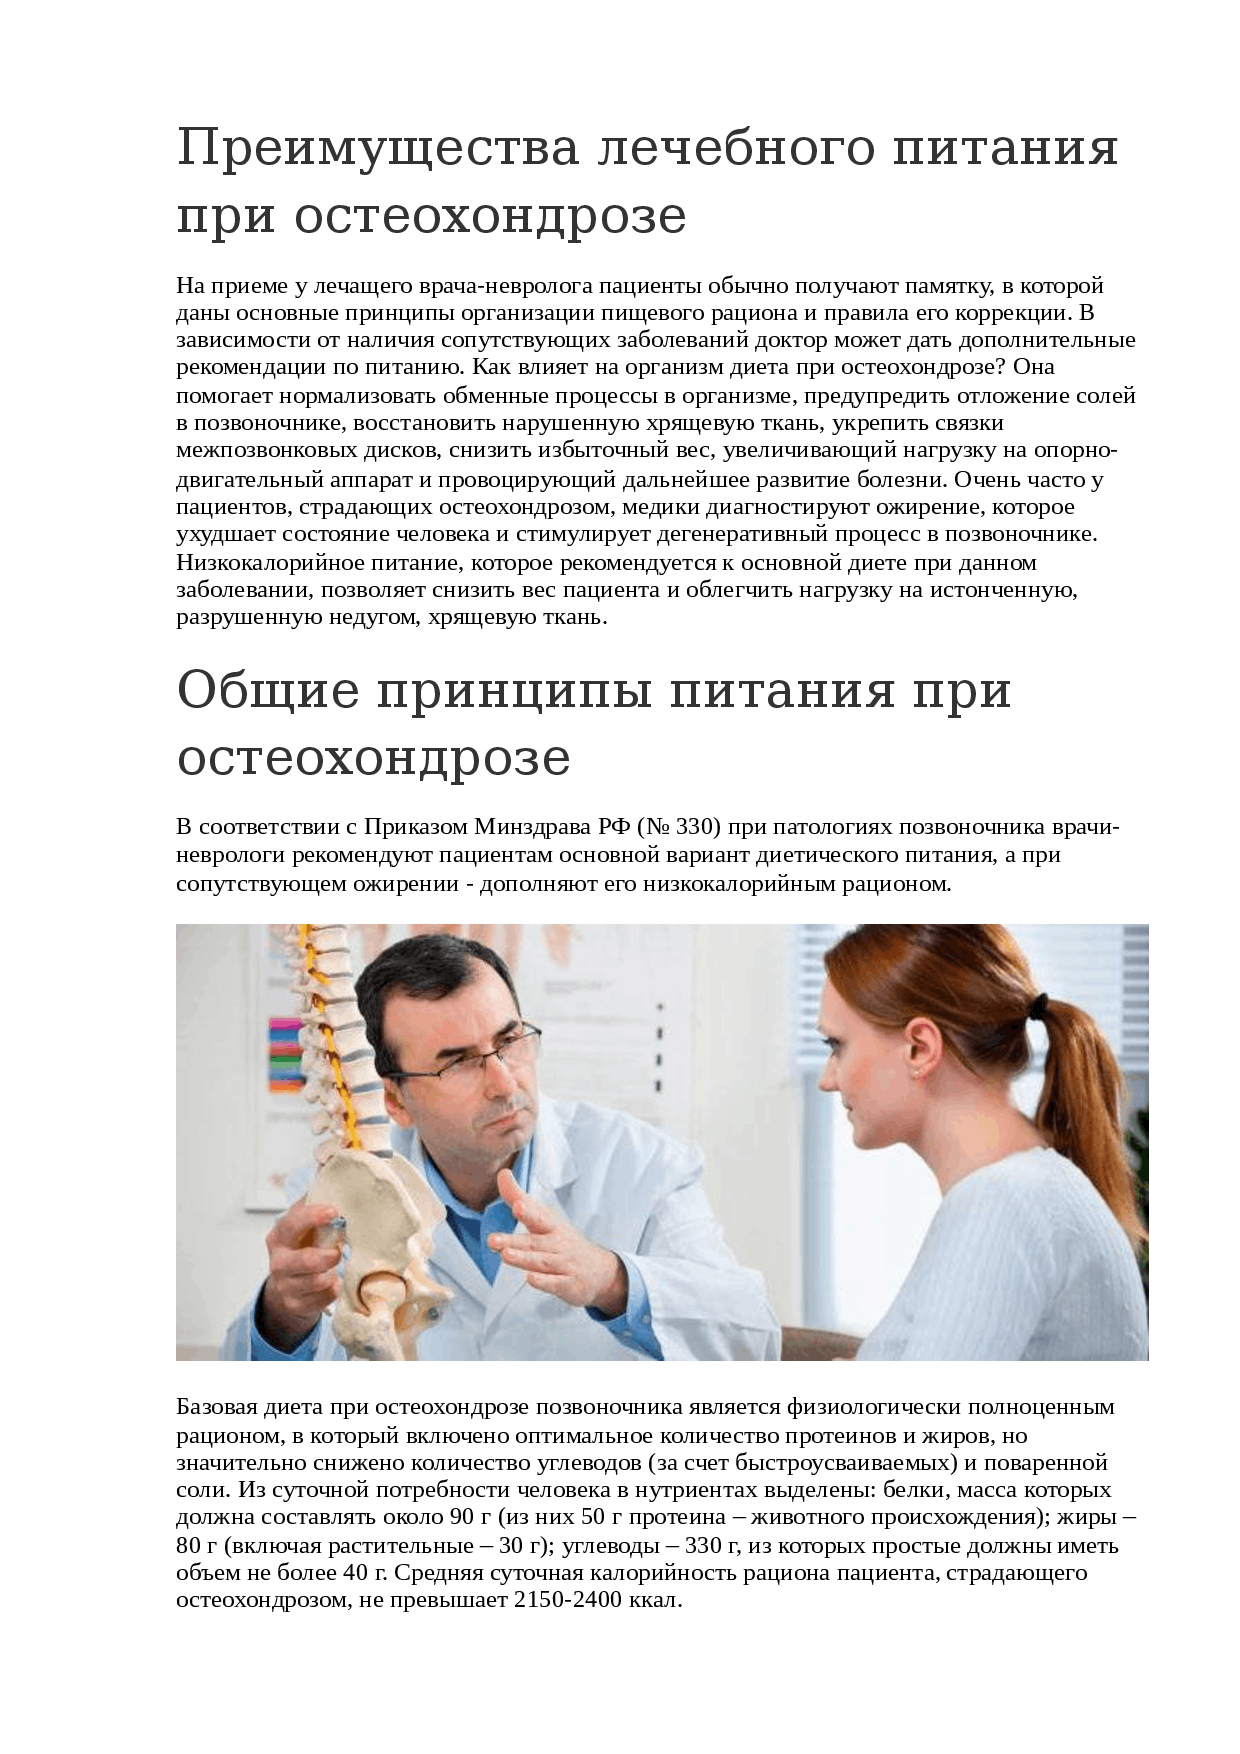 Особенности диеты при остеохондрозе шейного отдела позвоночника